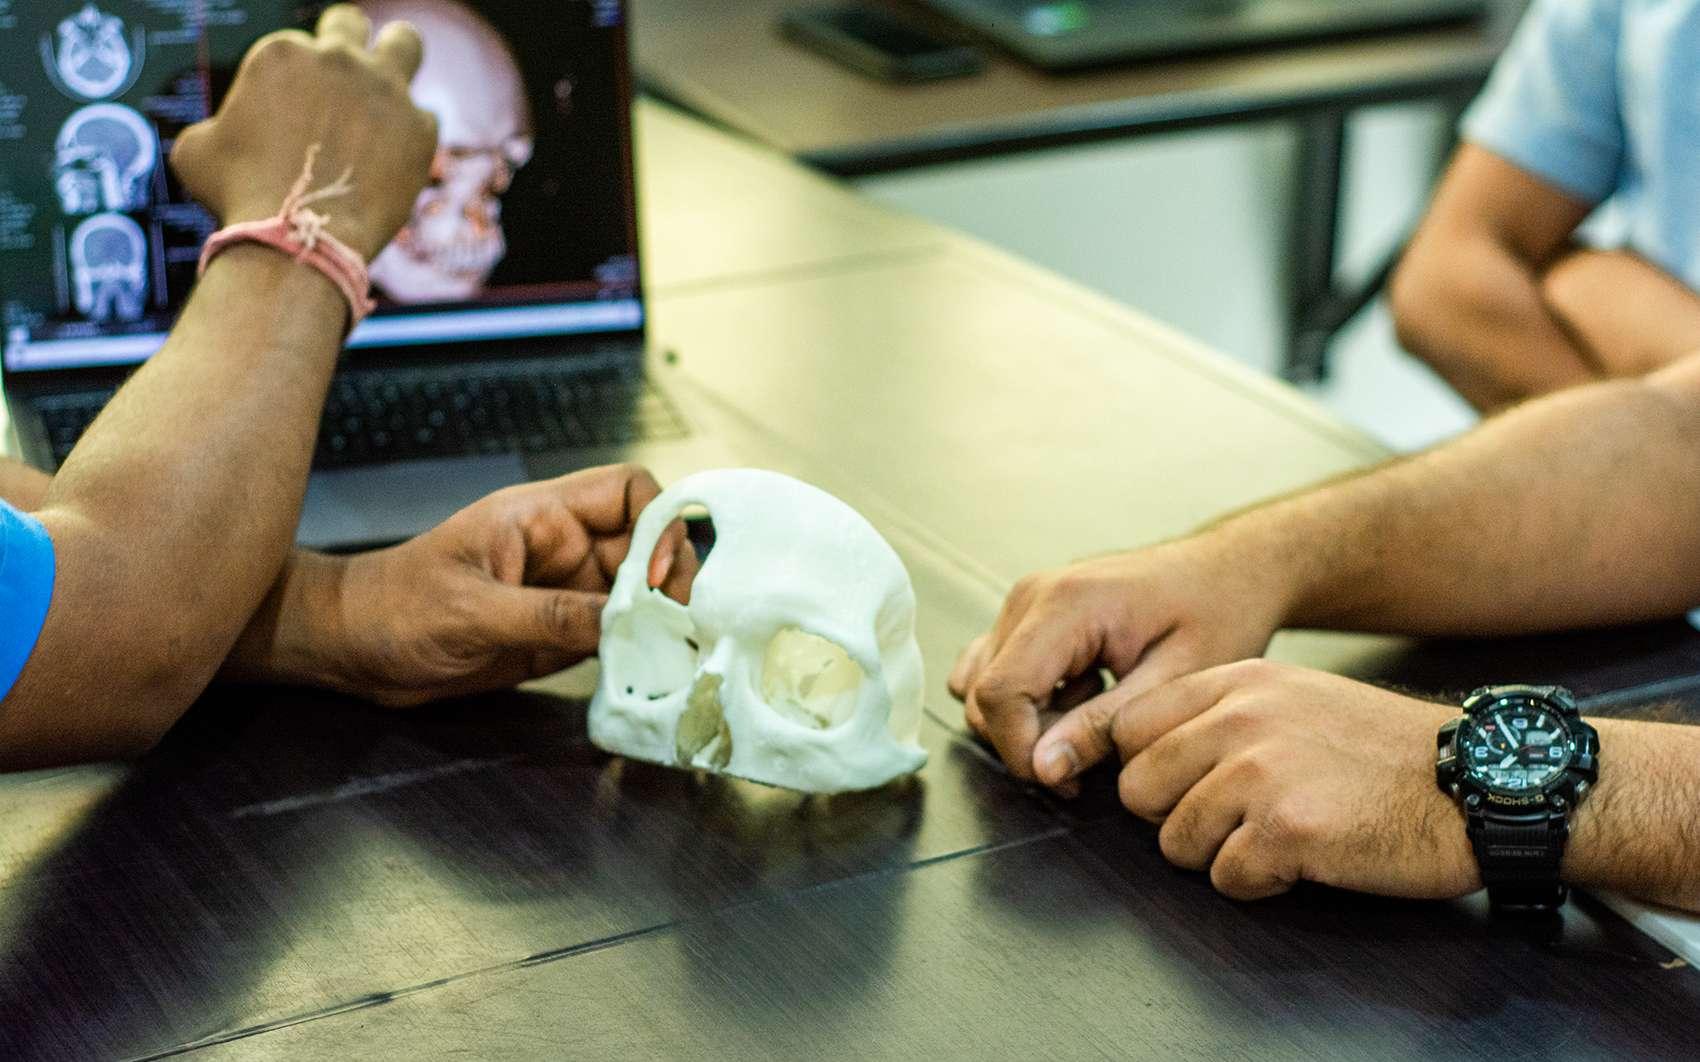 Les implants imprimés en 3D de LUCID Implants promettent de démocratiser l'accès aux soins. © LUCID Implants